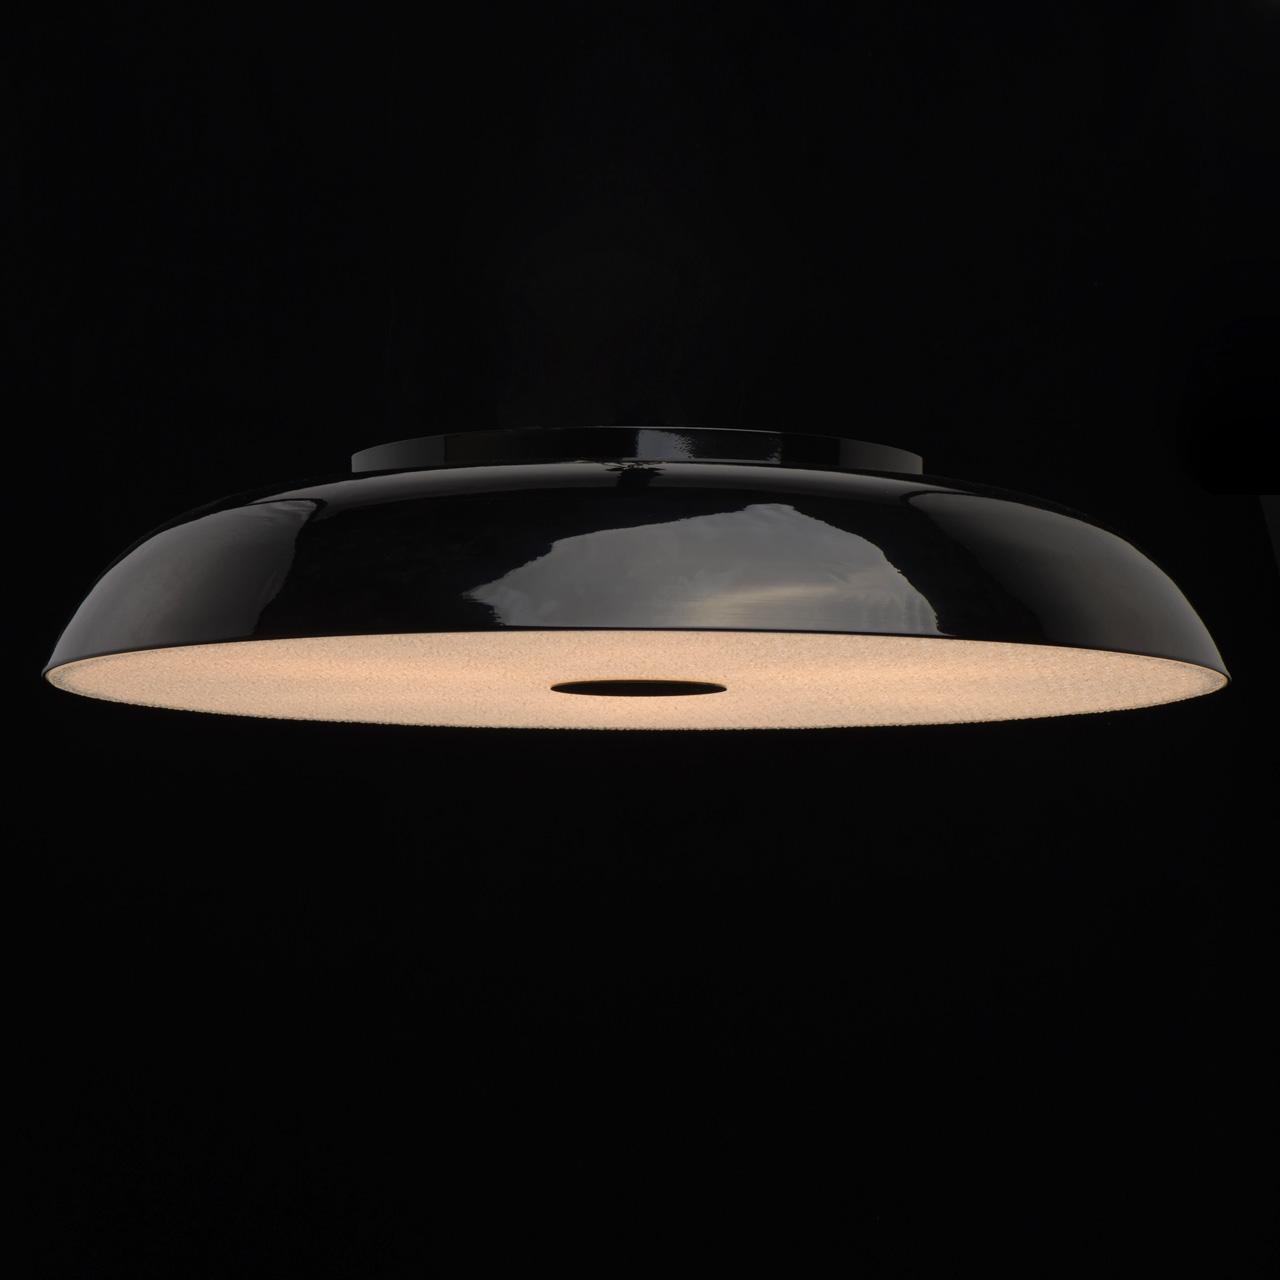 Потолочный светильник MW-Light Канапе 708010609, 9xE27x10W, черный, матовый, металл, стекло - фото 3